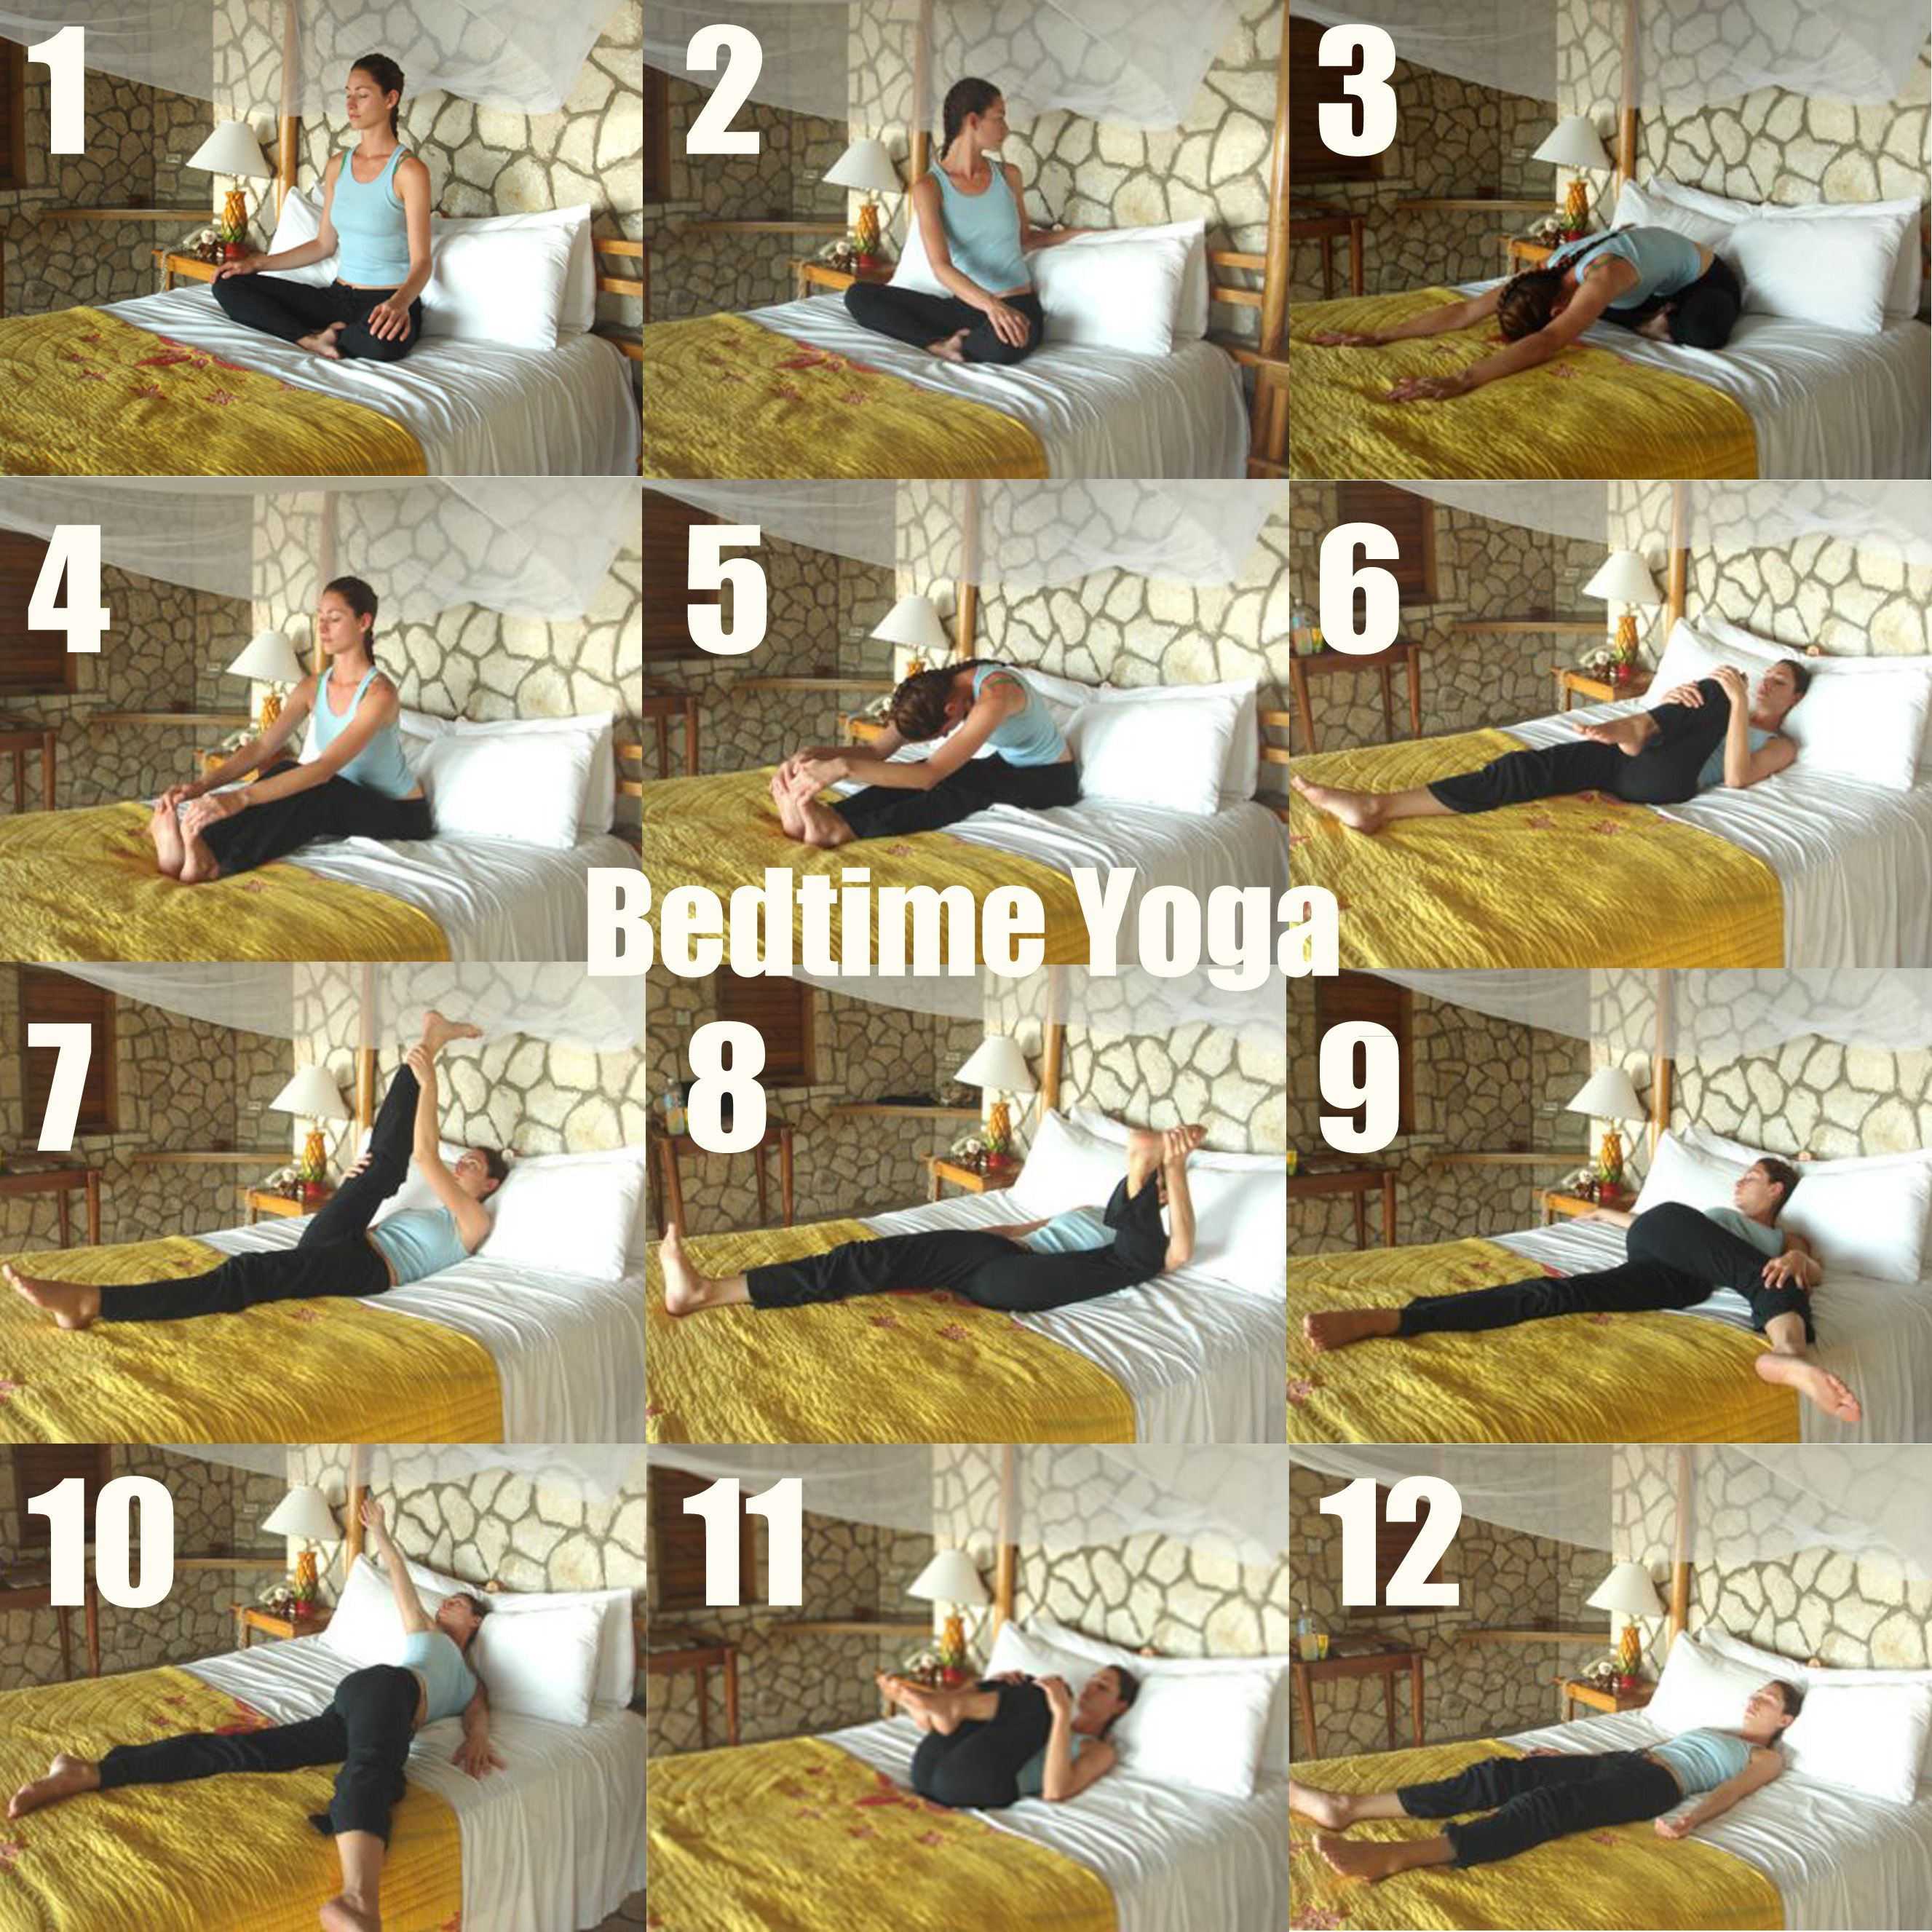 Elegant Yoga For Bedtime